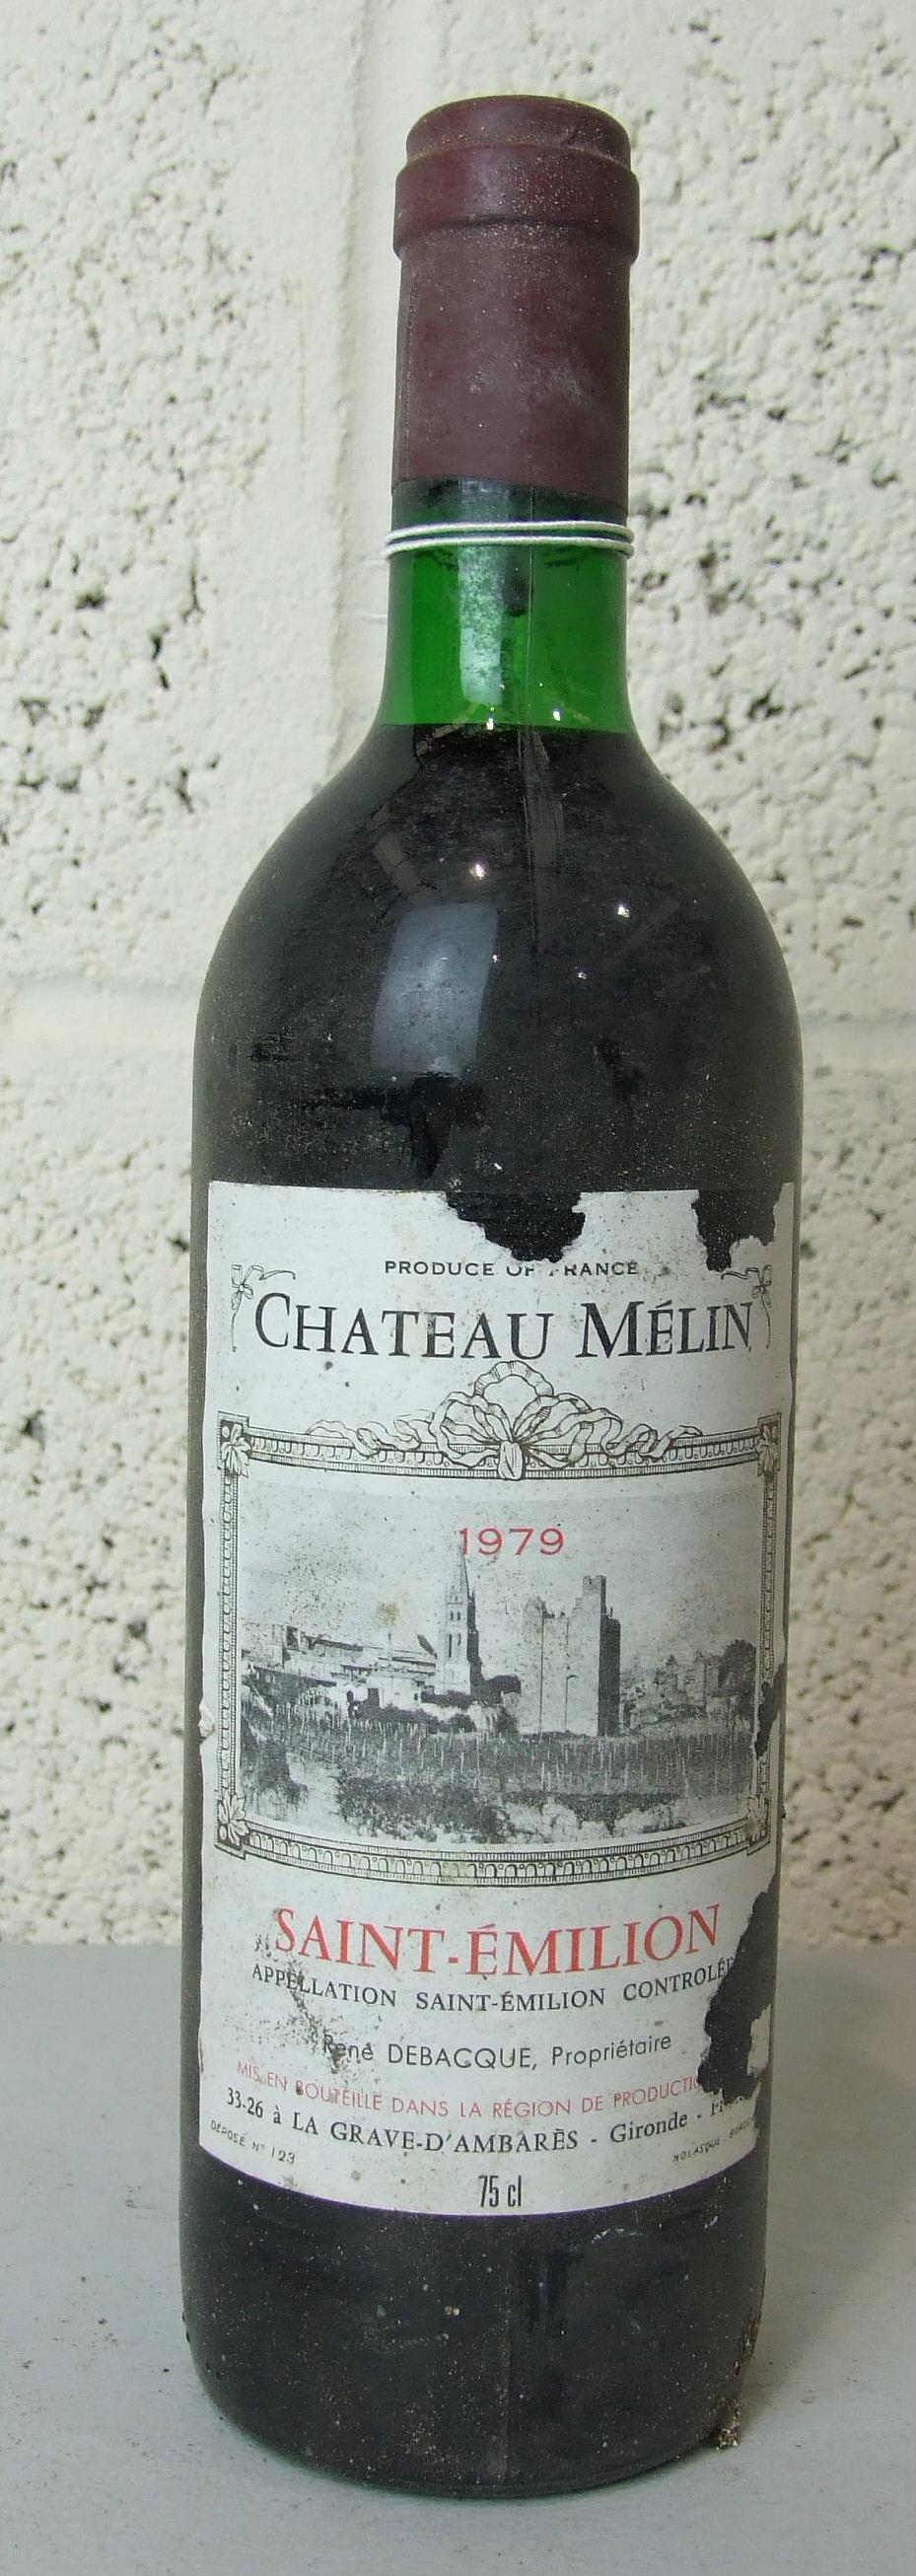 Lot 13 - France, Chateau Mélin St Emilion 1979, high shoulder, damaged labels, one bottle, (1).